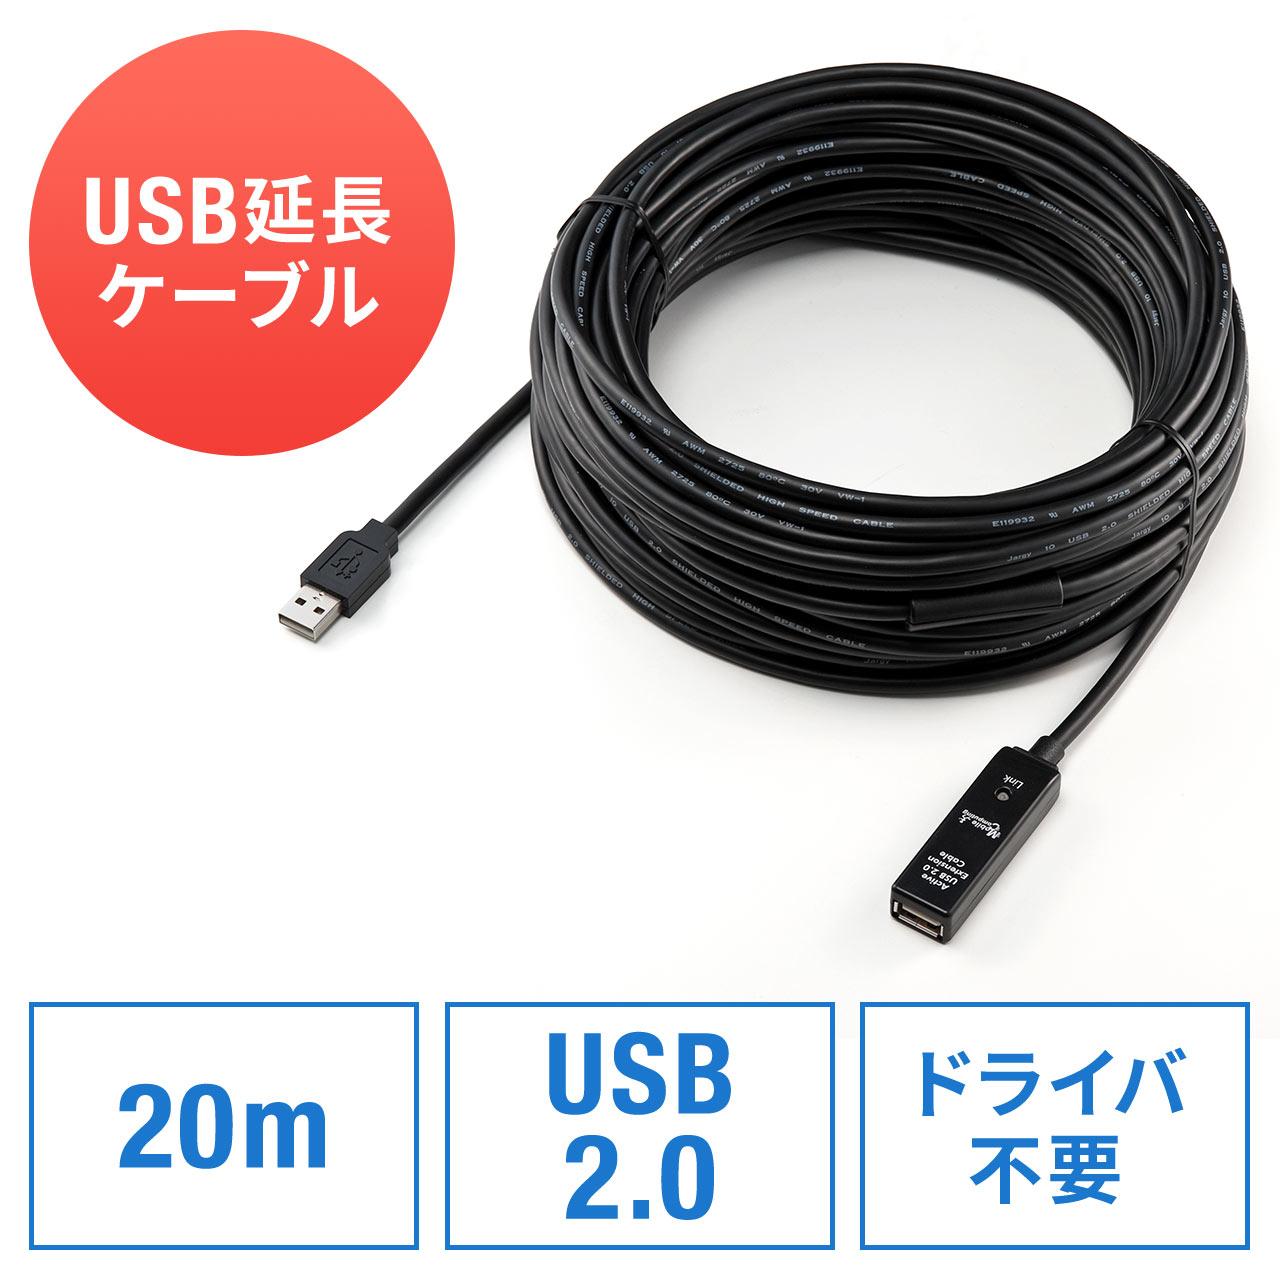 USB延長ケーブル(20m・ブラック...